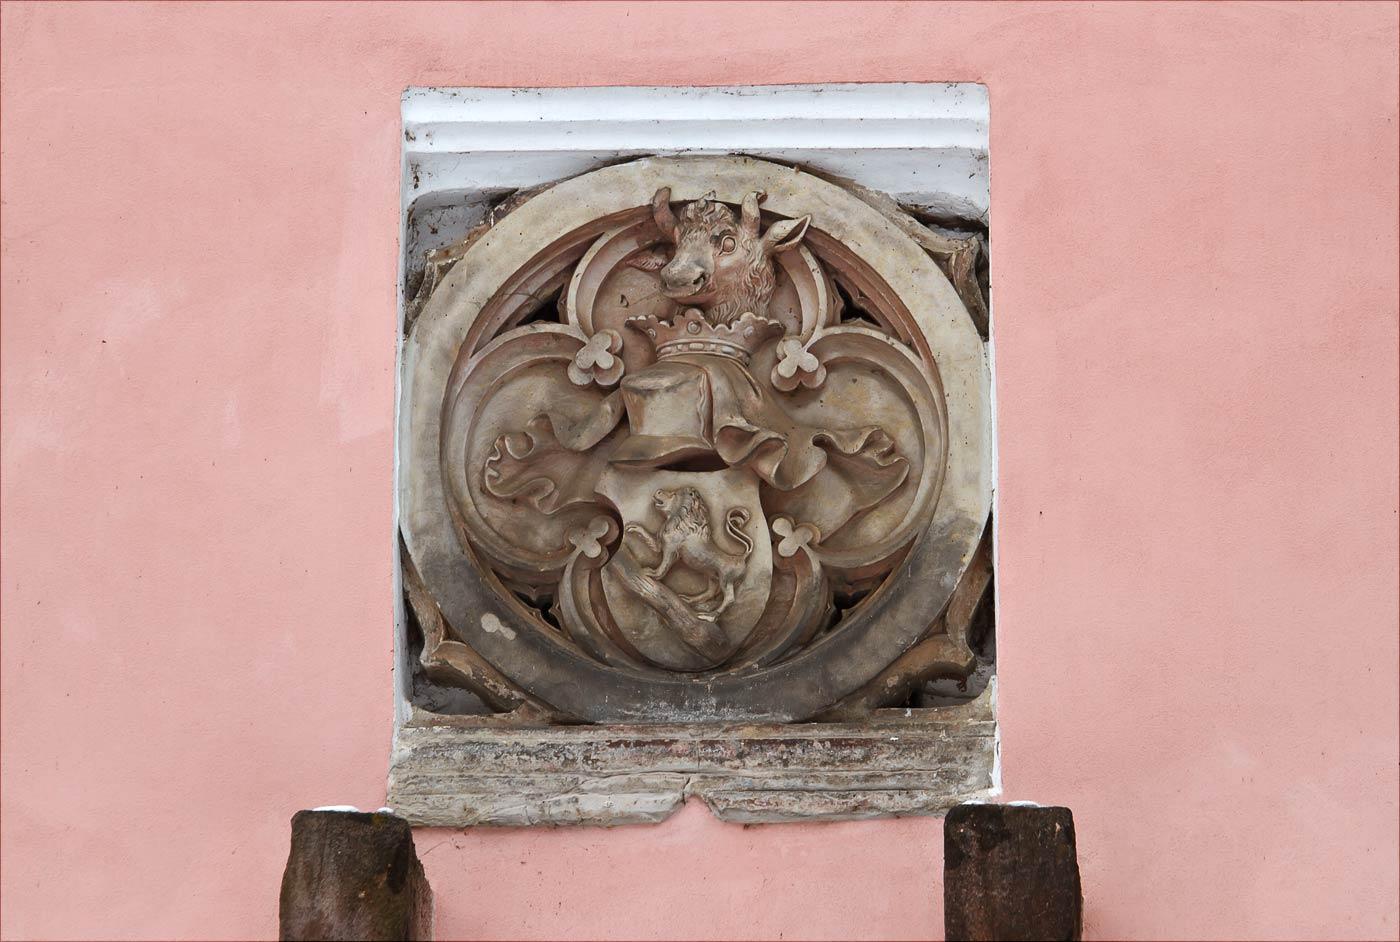 Герб на фасаде Домашинской браны у Влашимкого парка